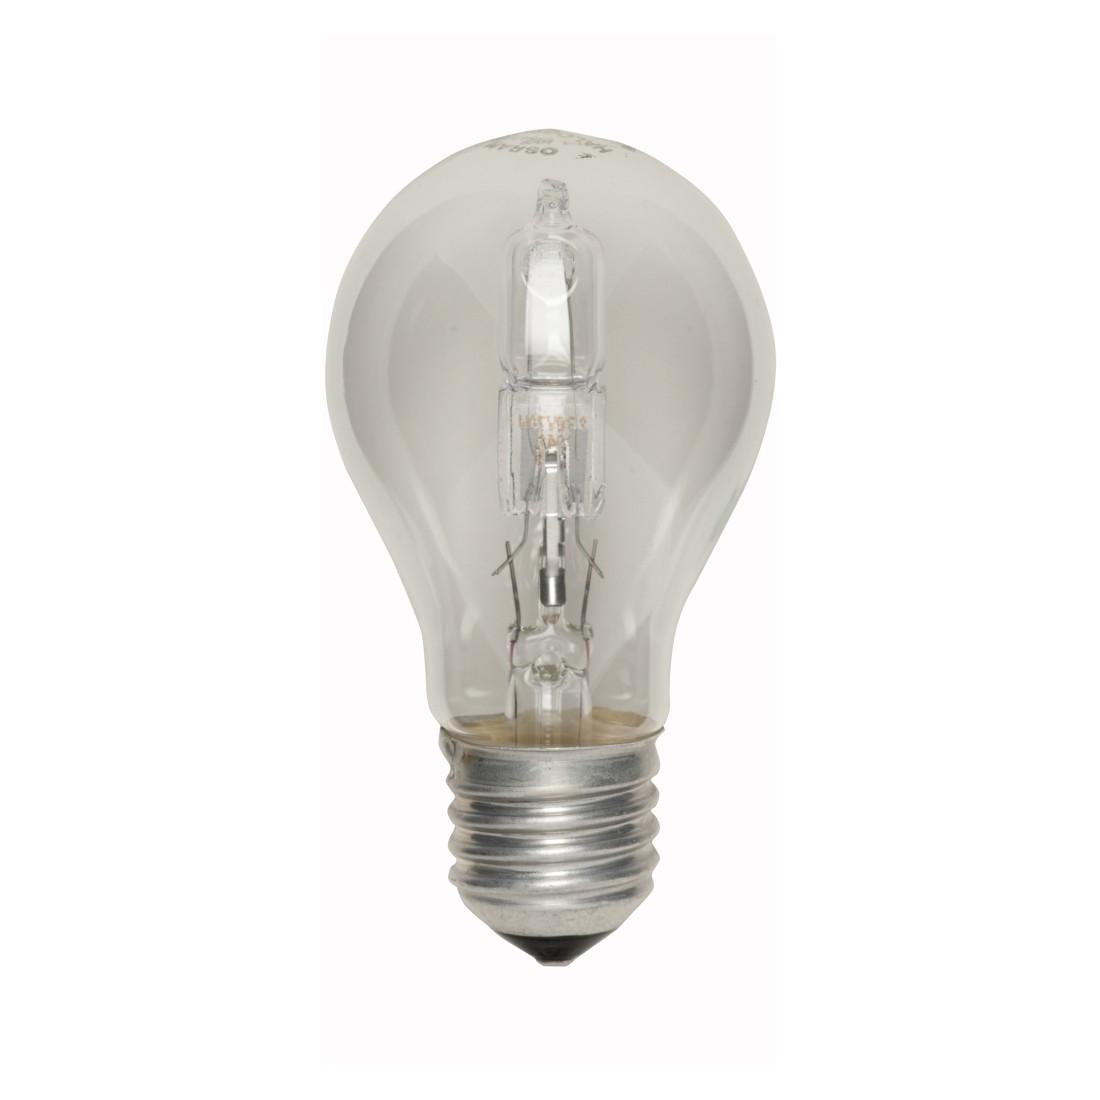 Halogen-Retrofitlampe E27 70 W Standard klar ● Klarglas Klar- Mega Licht